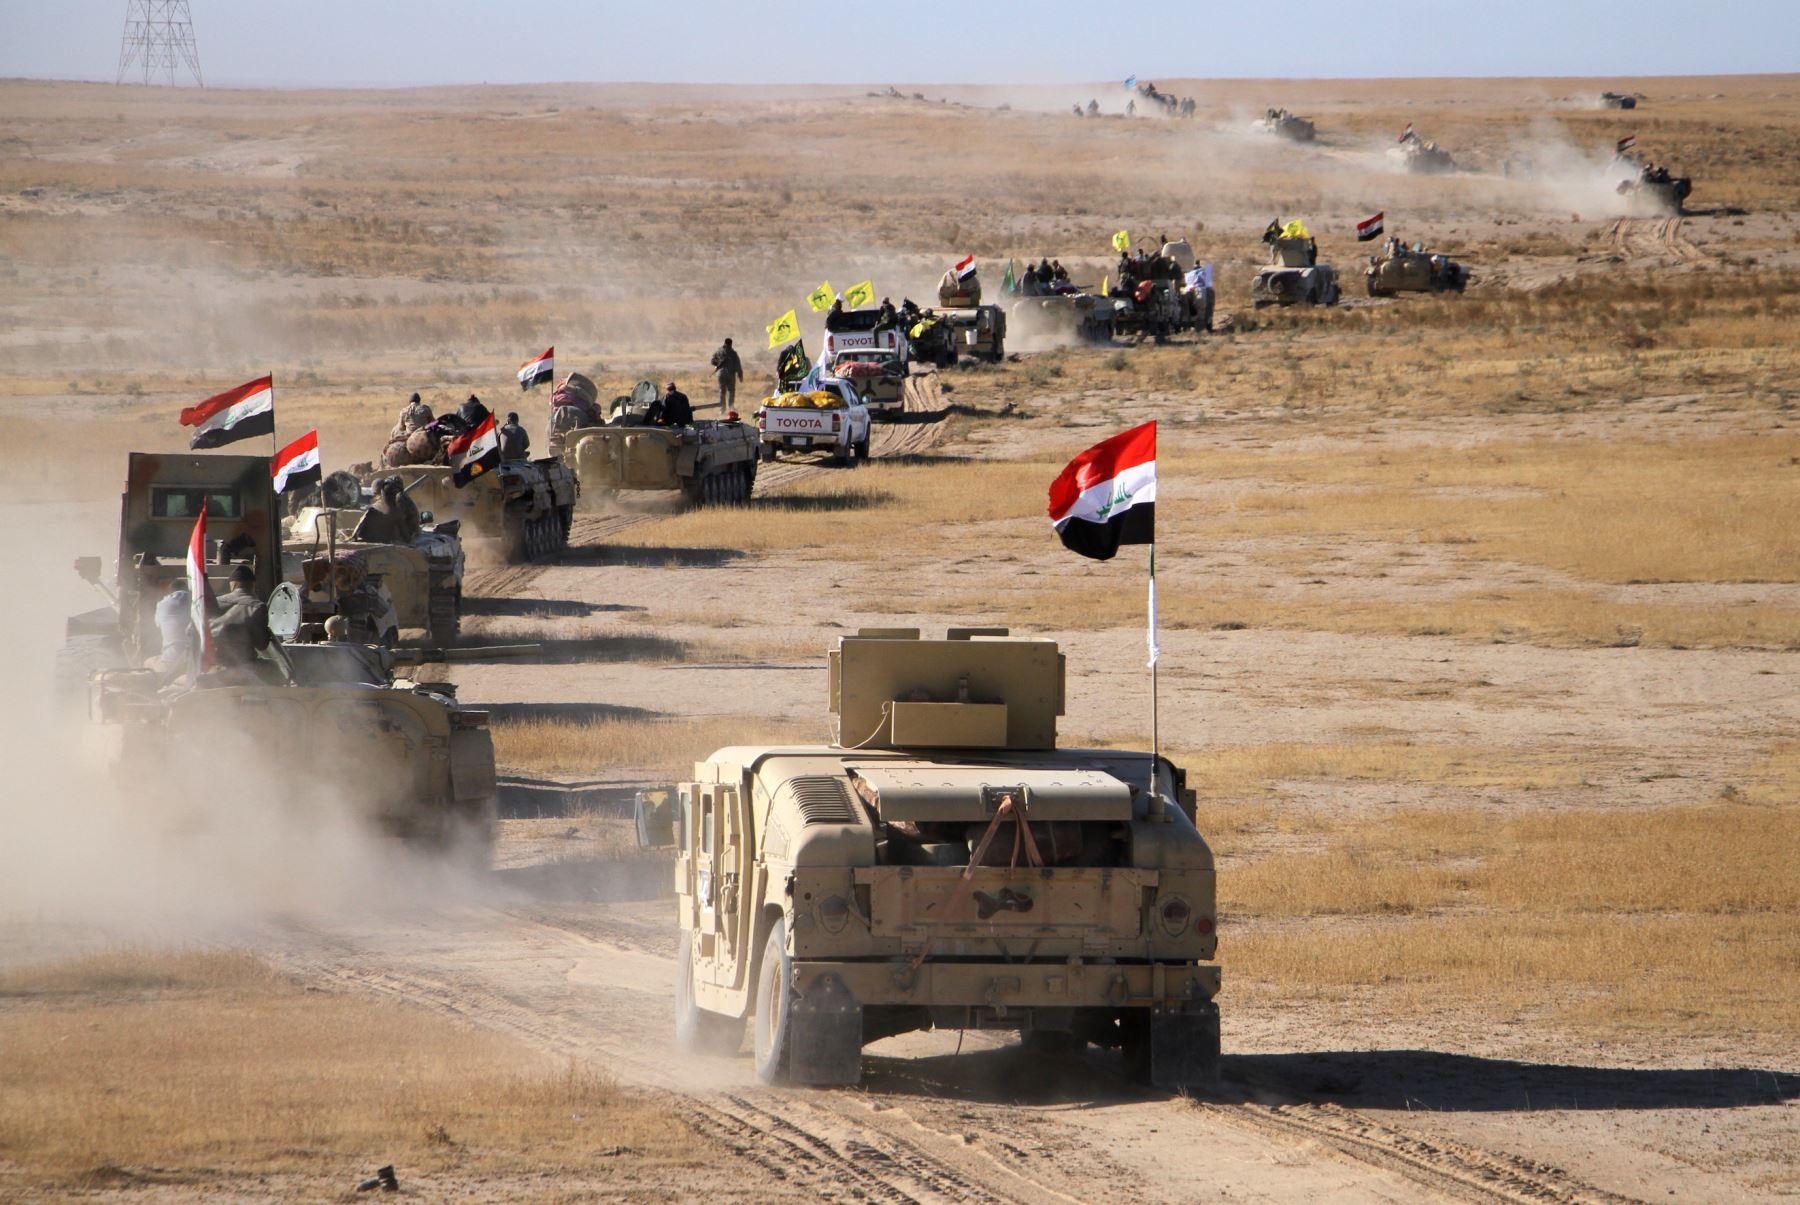 Vehículos de combate de infantería  de fuerzas iraquíes,  avanzan en el desierto de Mosul. AFP